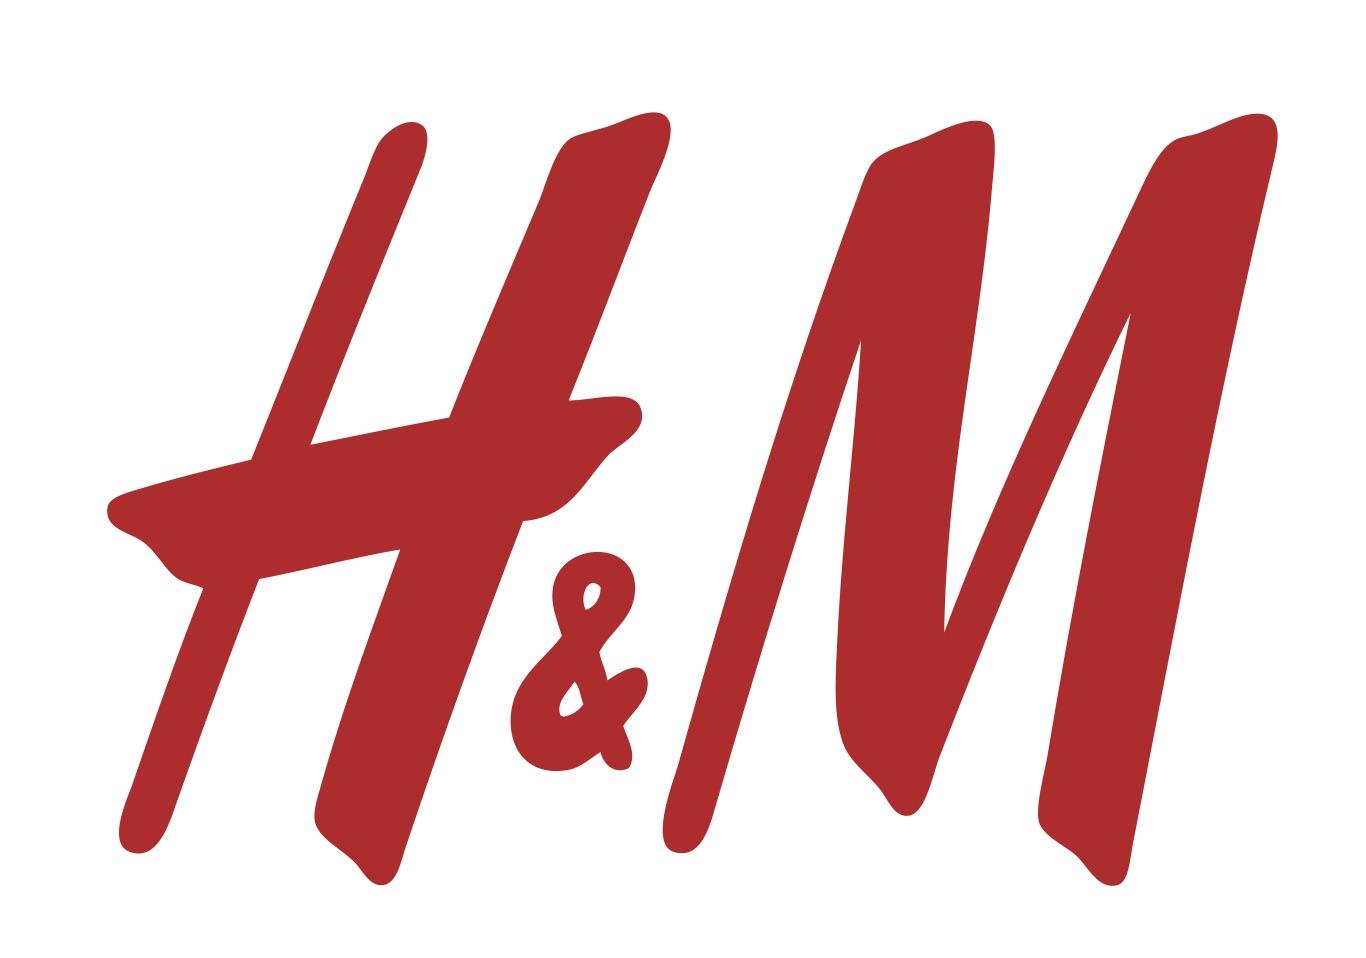 El logotipo de H&M a menudo es criticado por ser demasiado simple, pero es tan efectivo que no tiene la necesidad de rediseñarlo.